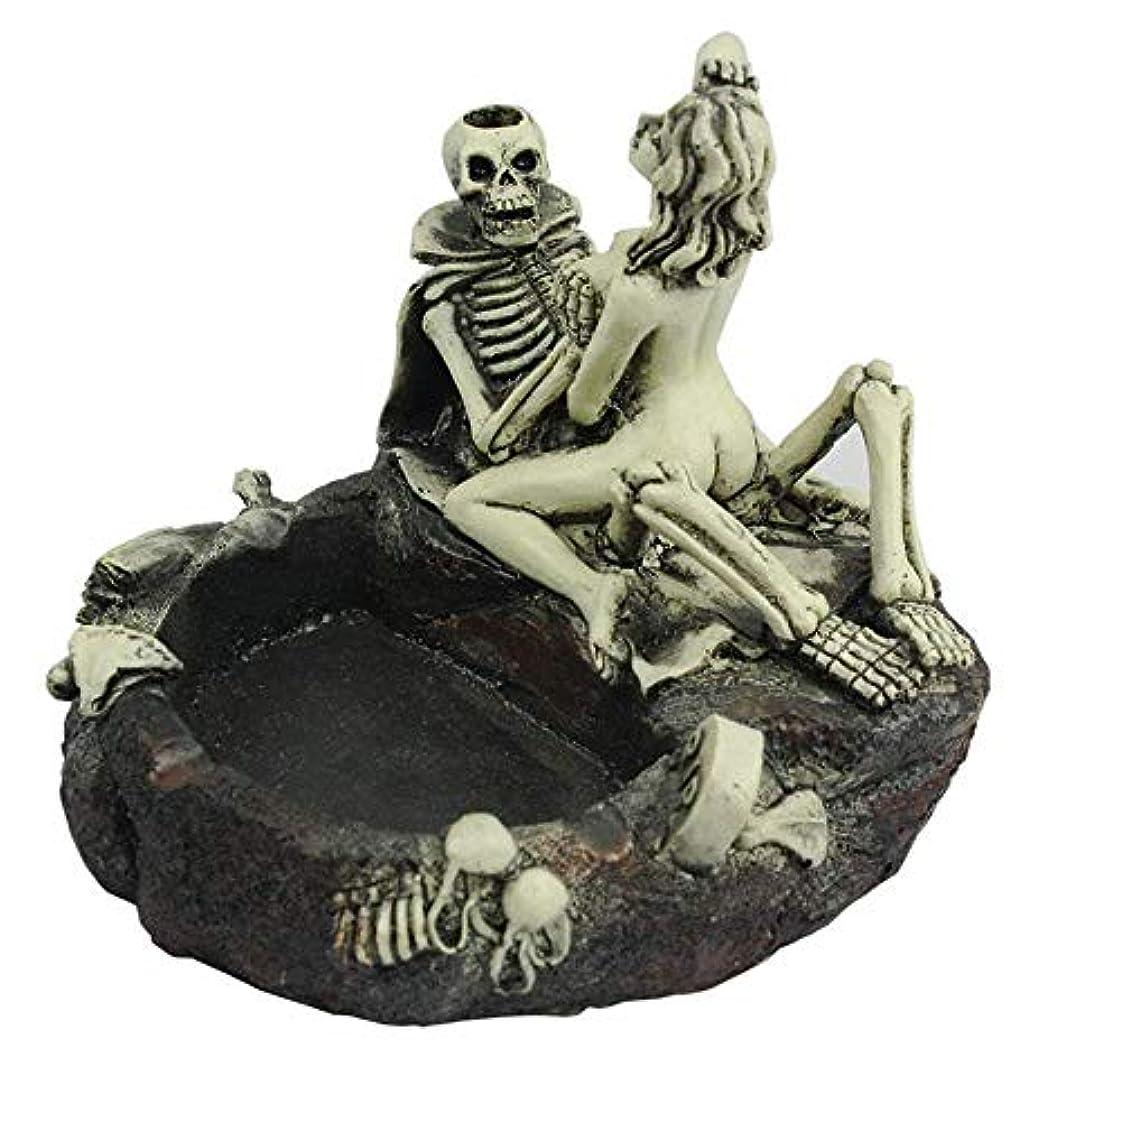 日常的に日常的に変装創造的な人格スケルトンのテーマ灰皿のスケルトン美しさの楽しい灰皿ボーイフレンドの楽しい装飾のギフトを送る